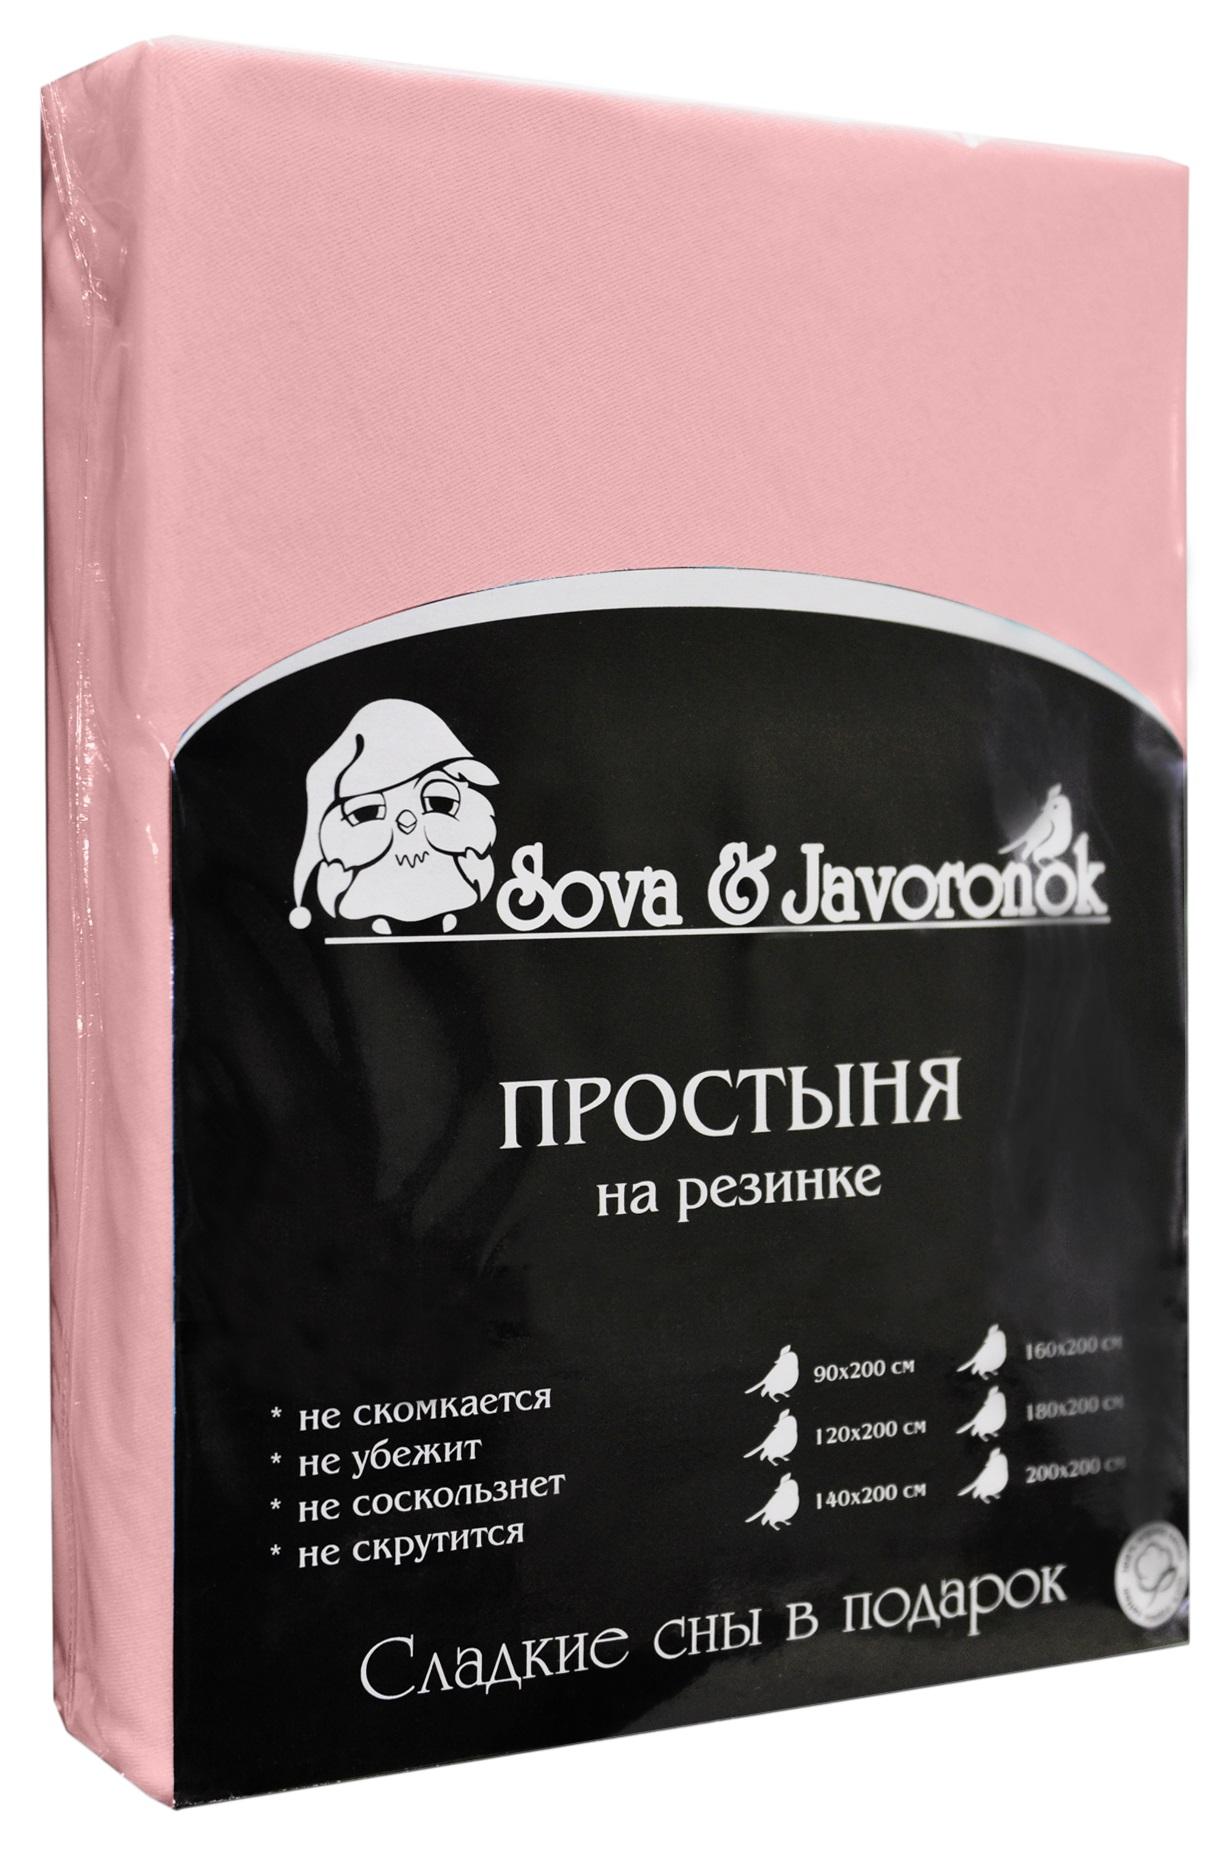 Простыня на резинке Sova & Javoronok, цвет: светло-розовый, 140 х 200 см0803114209Простыня на резинке Sova & Javoronok, изготовленная из трикотажной ткани (100% хлопок), будет превосходно смотреться с любыми комплектами белья. Хлопчатобумажный трикотаж по праву считается одним из самых качественных, прочных и при этом приятных на ощупь. Его гигиеничность позволяет использовать простыню и в детских комнатах, к тому же 100%-ый хлопок в составе ткани не вызовет аллергии. У трикотажного полотна очень интересная структура, немного рыхлая за счет отсутствия плотного переплетения нитей и наличия особых петель, благодаря этому простыня Сова и Жаворонок отлично пропускает воздух и способствует его постоянной циркуляции. Поэтому ваша постель будет всегда оставаться свежей. Но главное и, пожалуй, самое известное свойство трикотажа - это его великолепная растяжимость, поэтому эта ткань и была выбрана для натяжной простыни на резинке. Простыня прошита резинкой по всему периметру, что обеспечивает более комфортный отдых, так как она прочно удерживается на матрасе и...